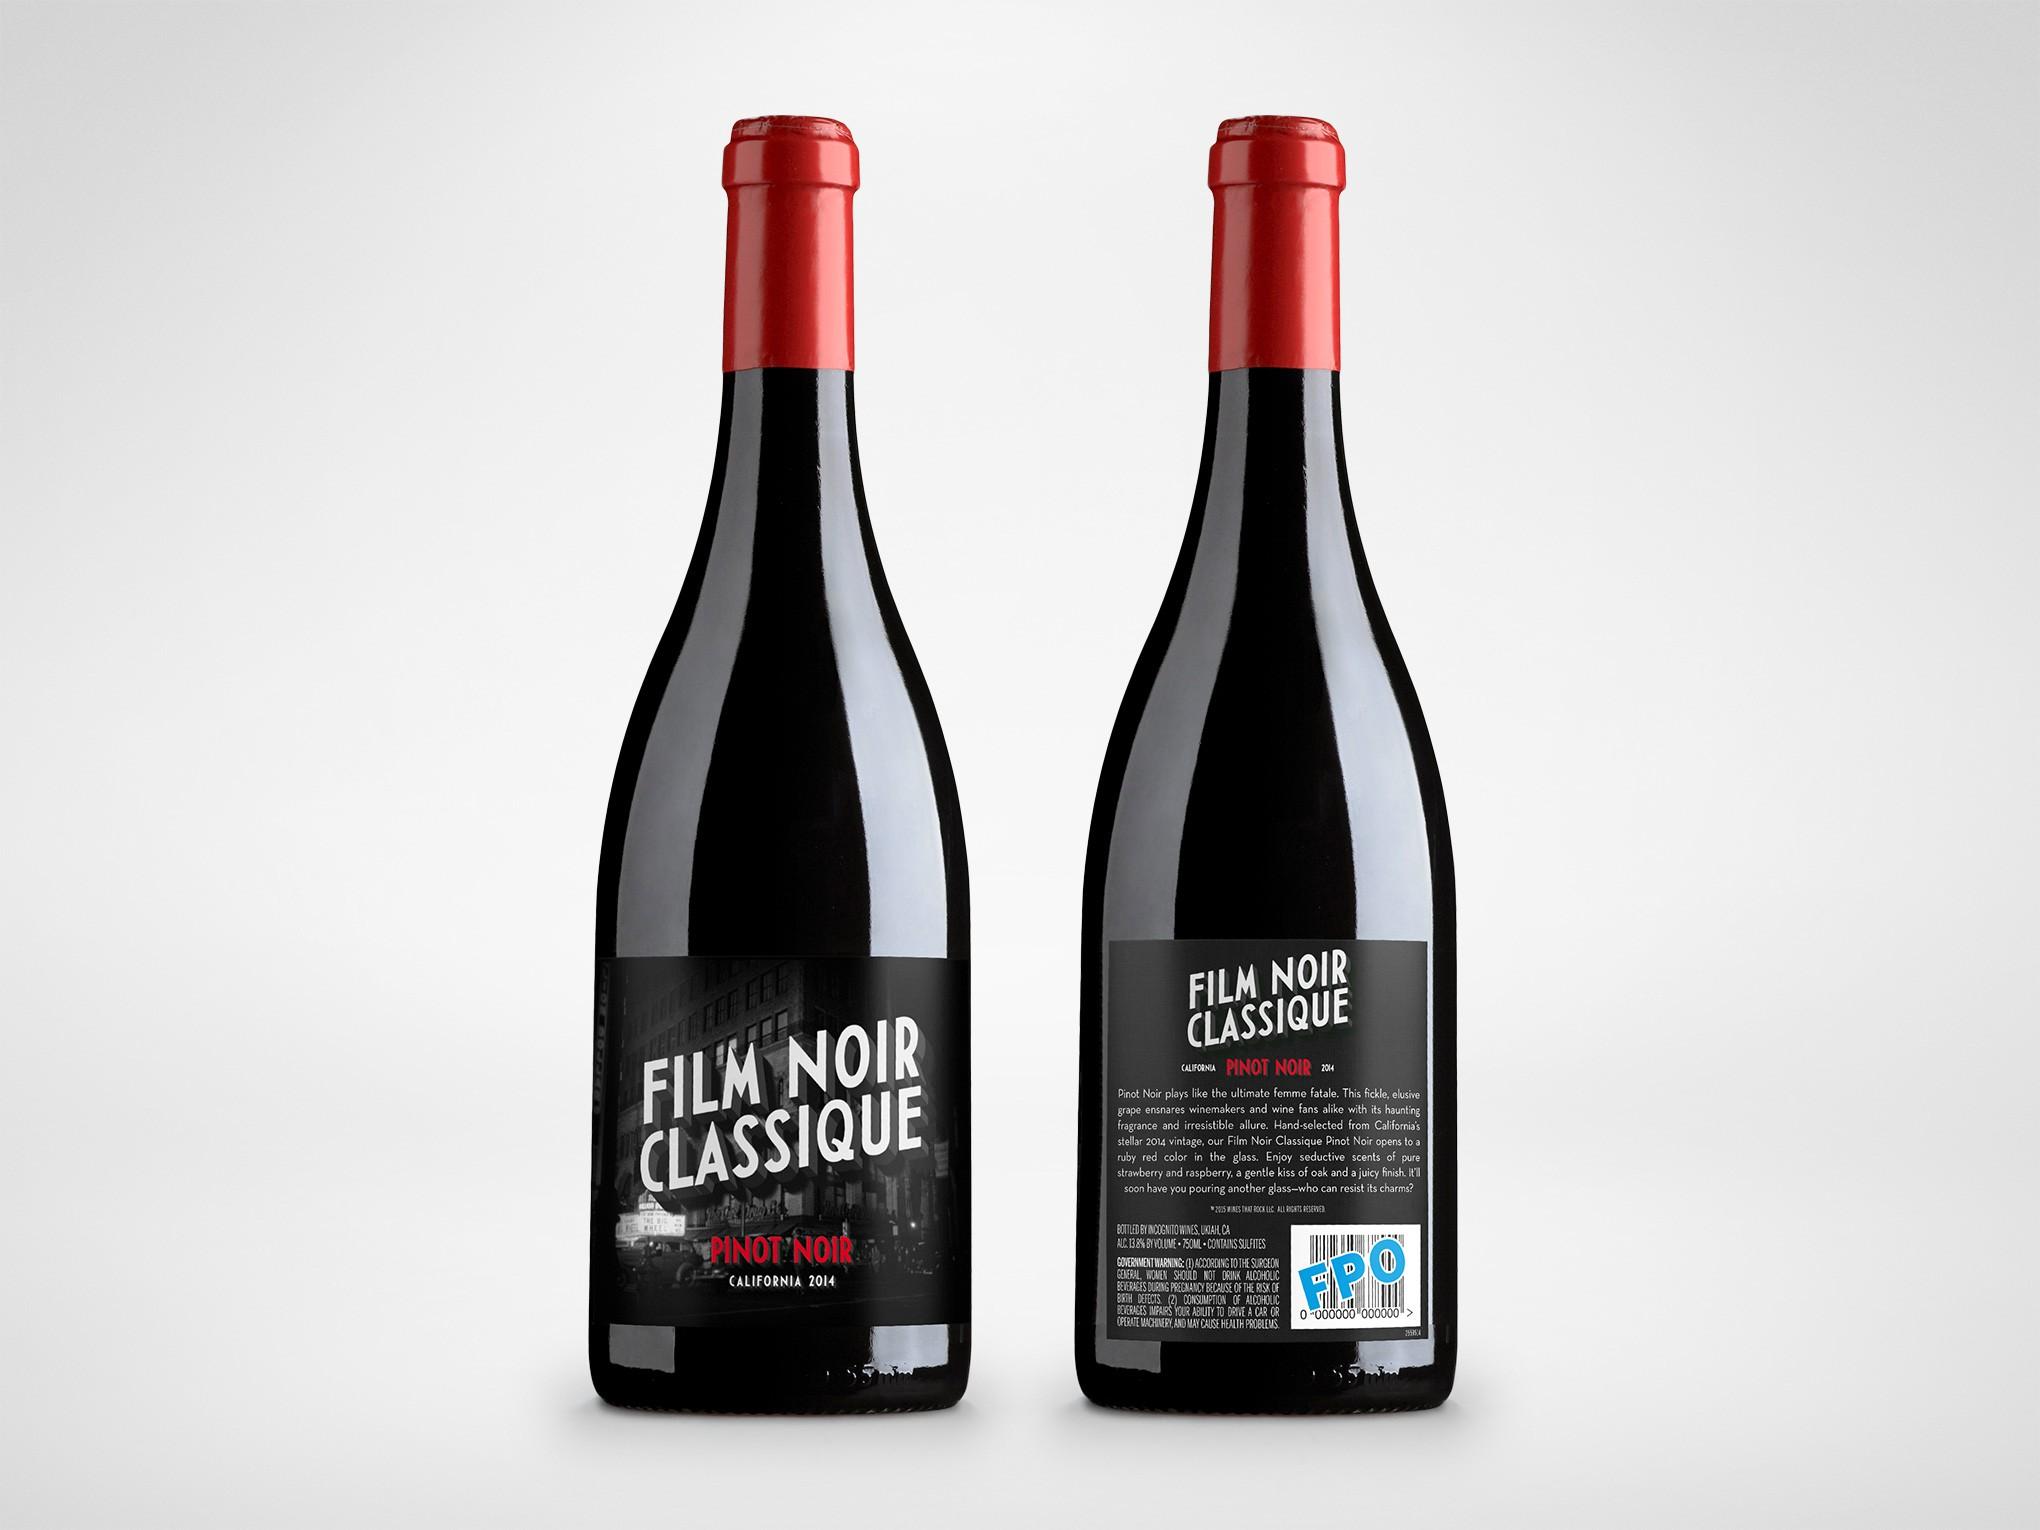 Movie Themed Wine Label - Film Noir Classique